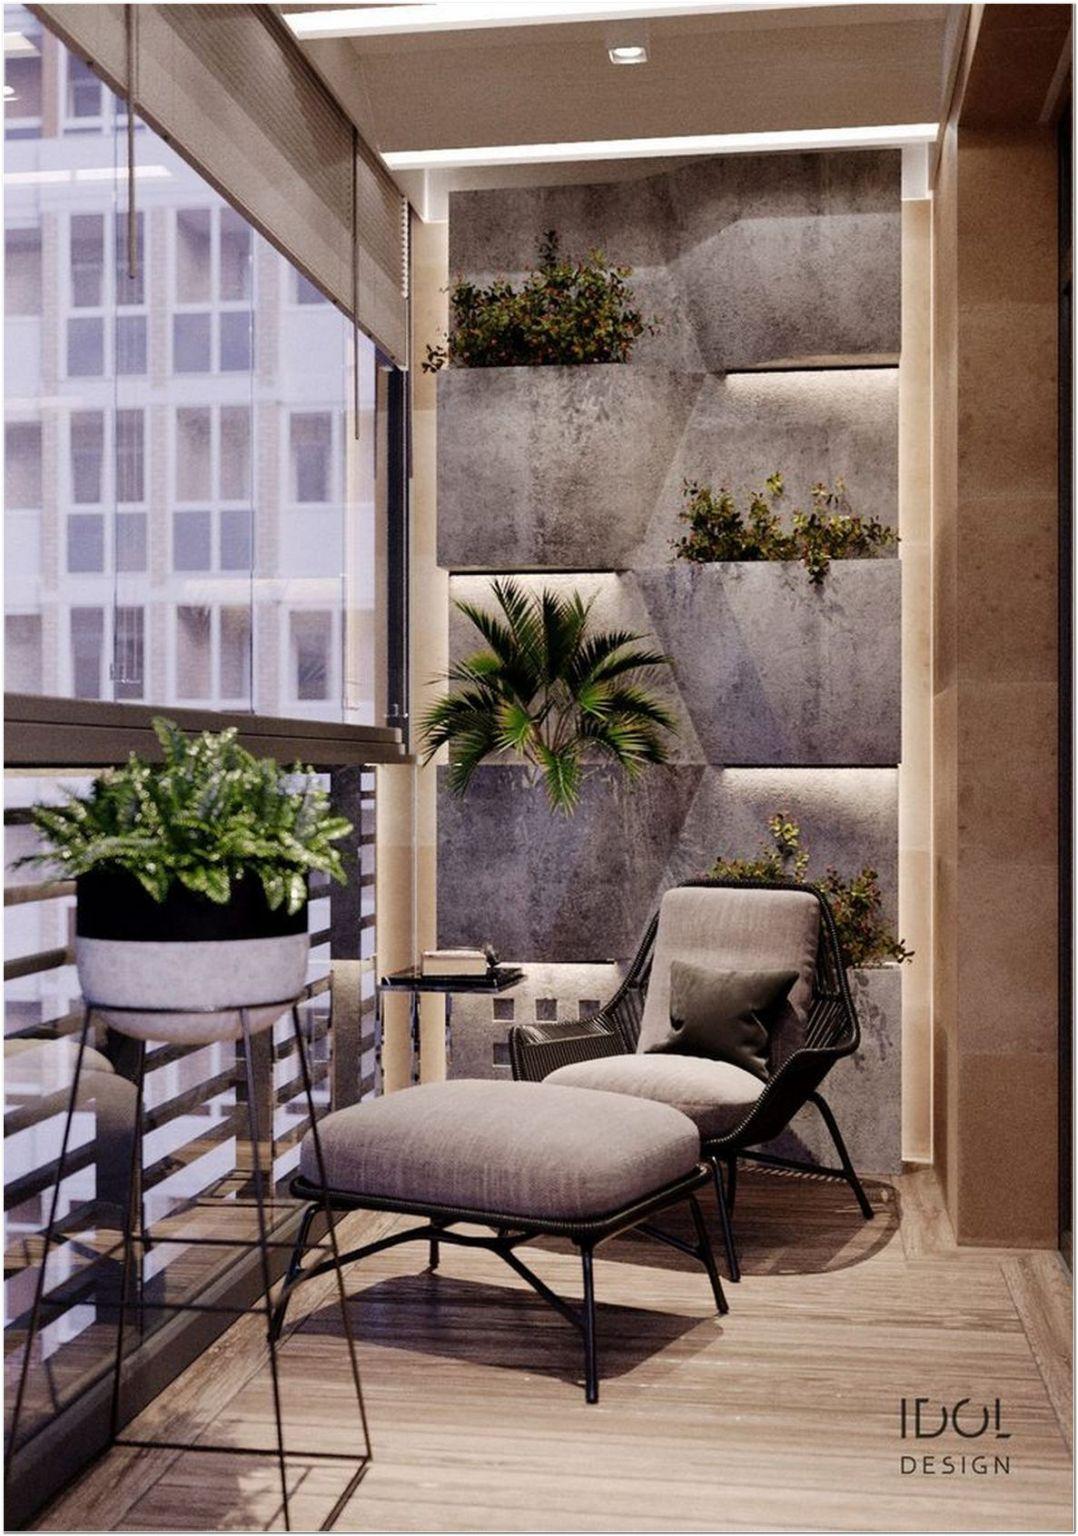 72+ Cool Balcony Decor Ideas 1 - kindledecor # ...